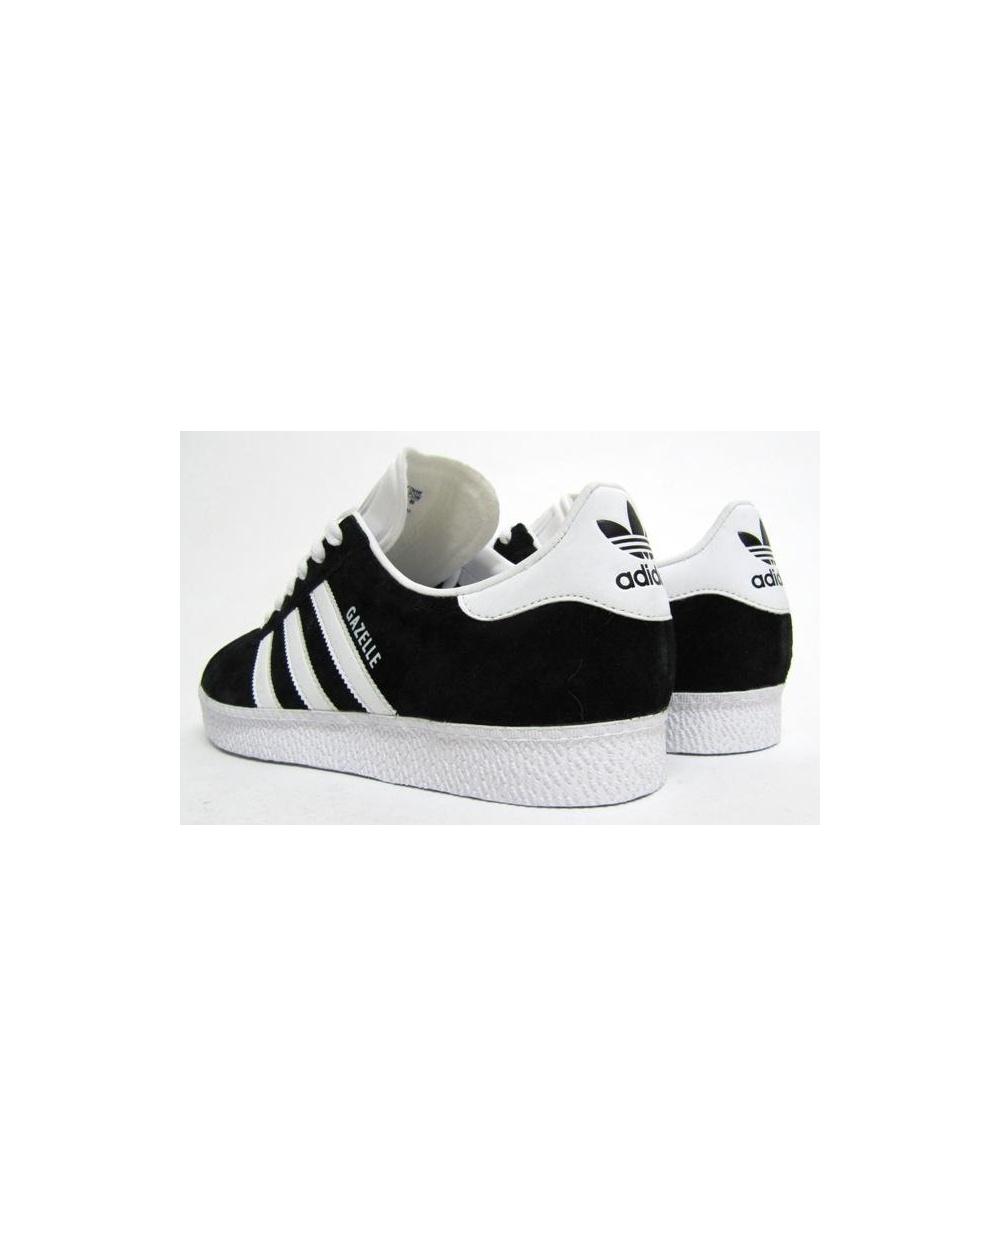 adidas trainers shoes men's gazelle 2 black